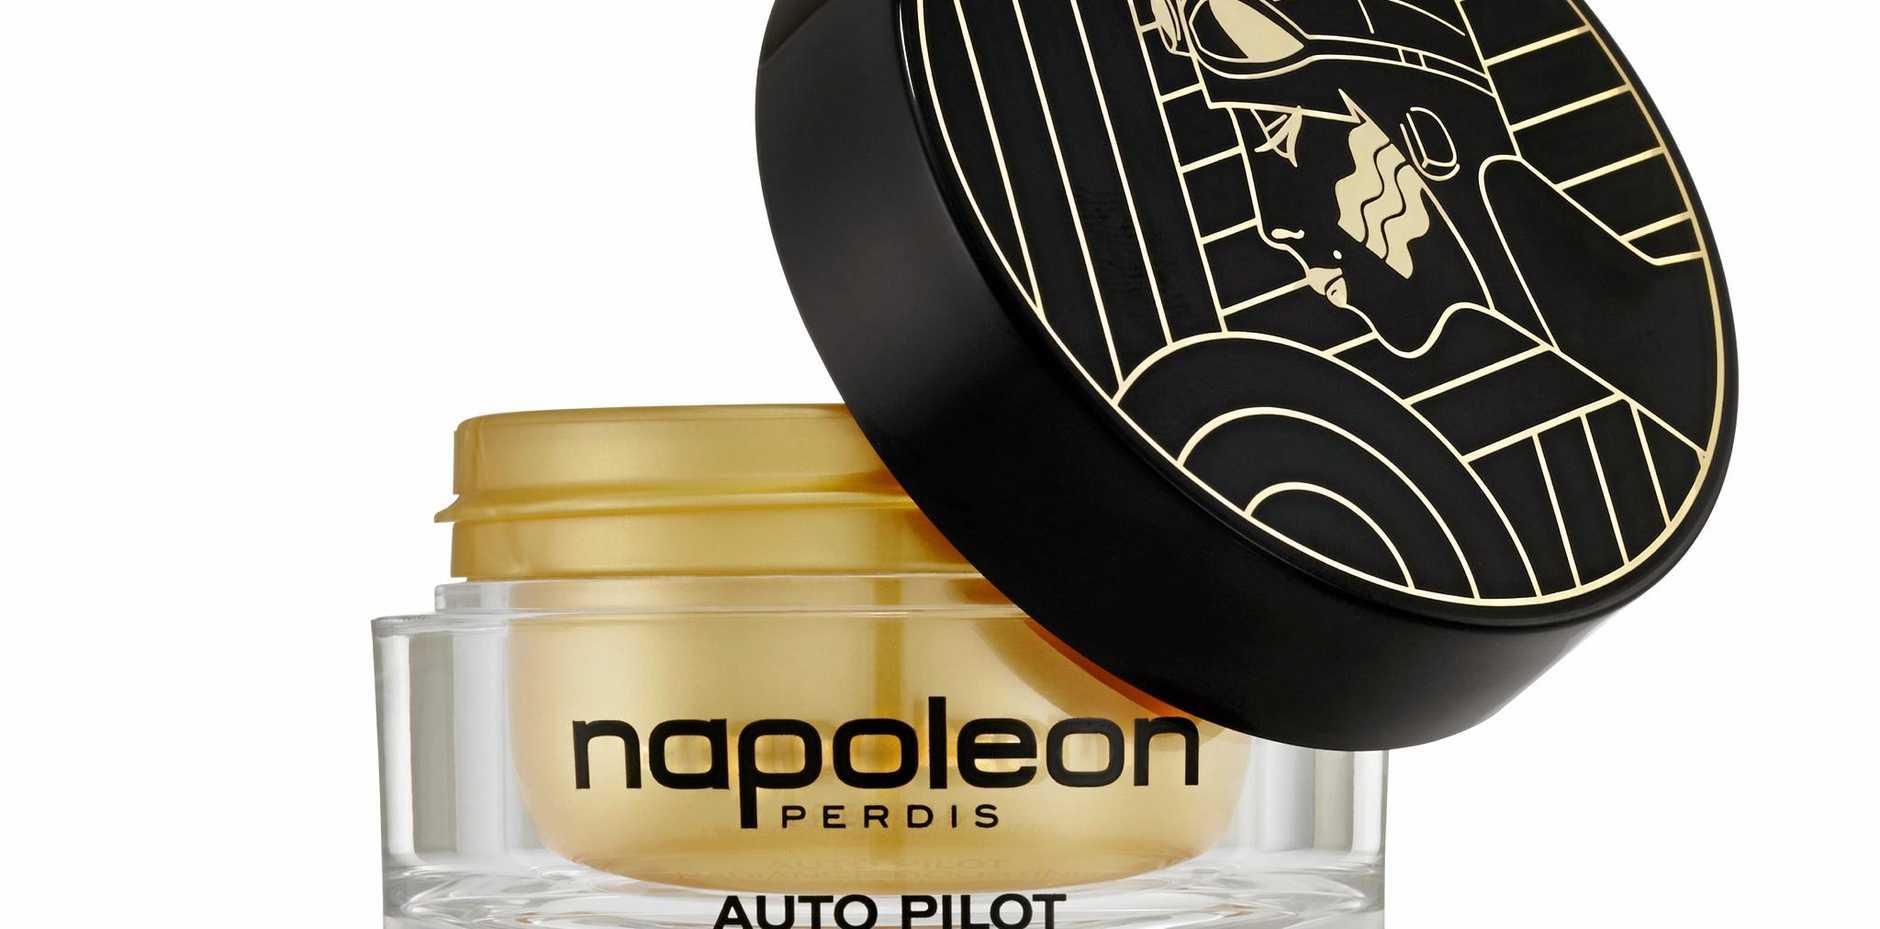 Napoleon Perdis cosmetics has opened in Mackay.